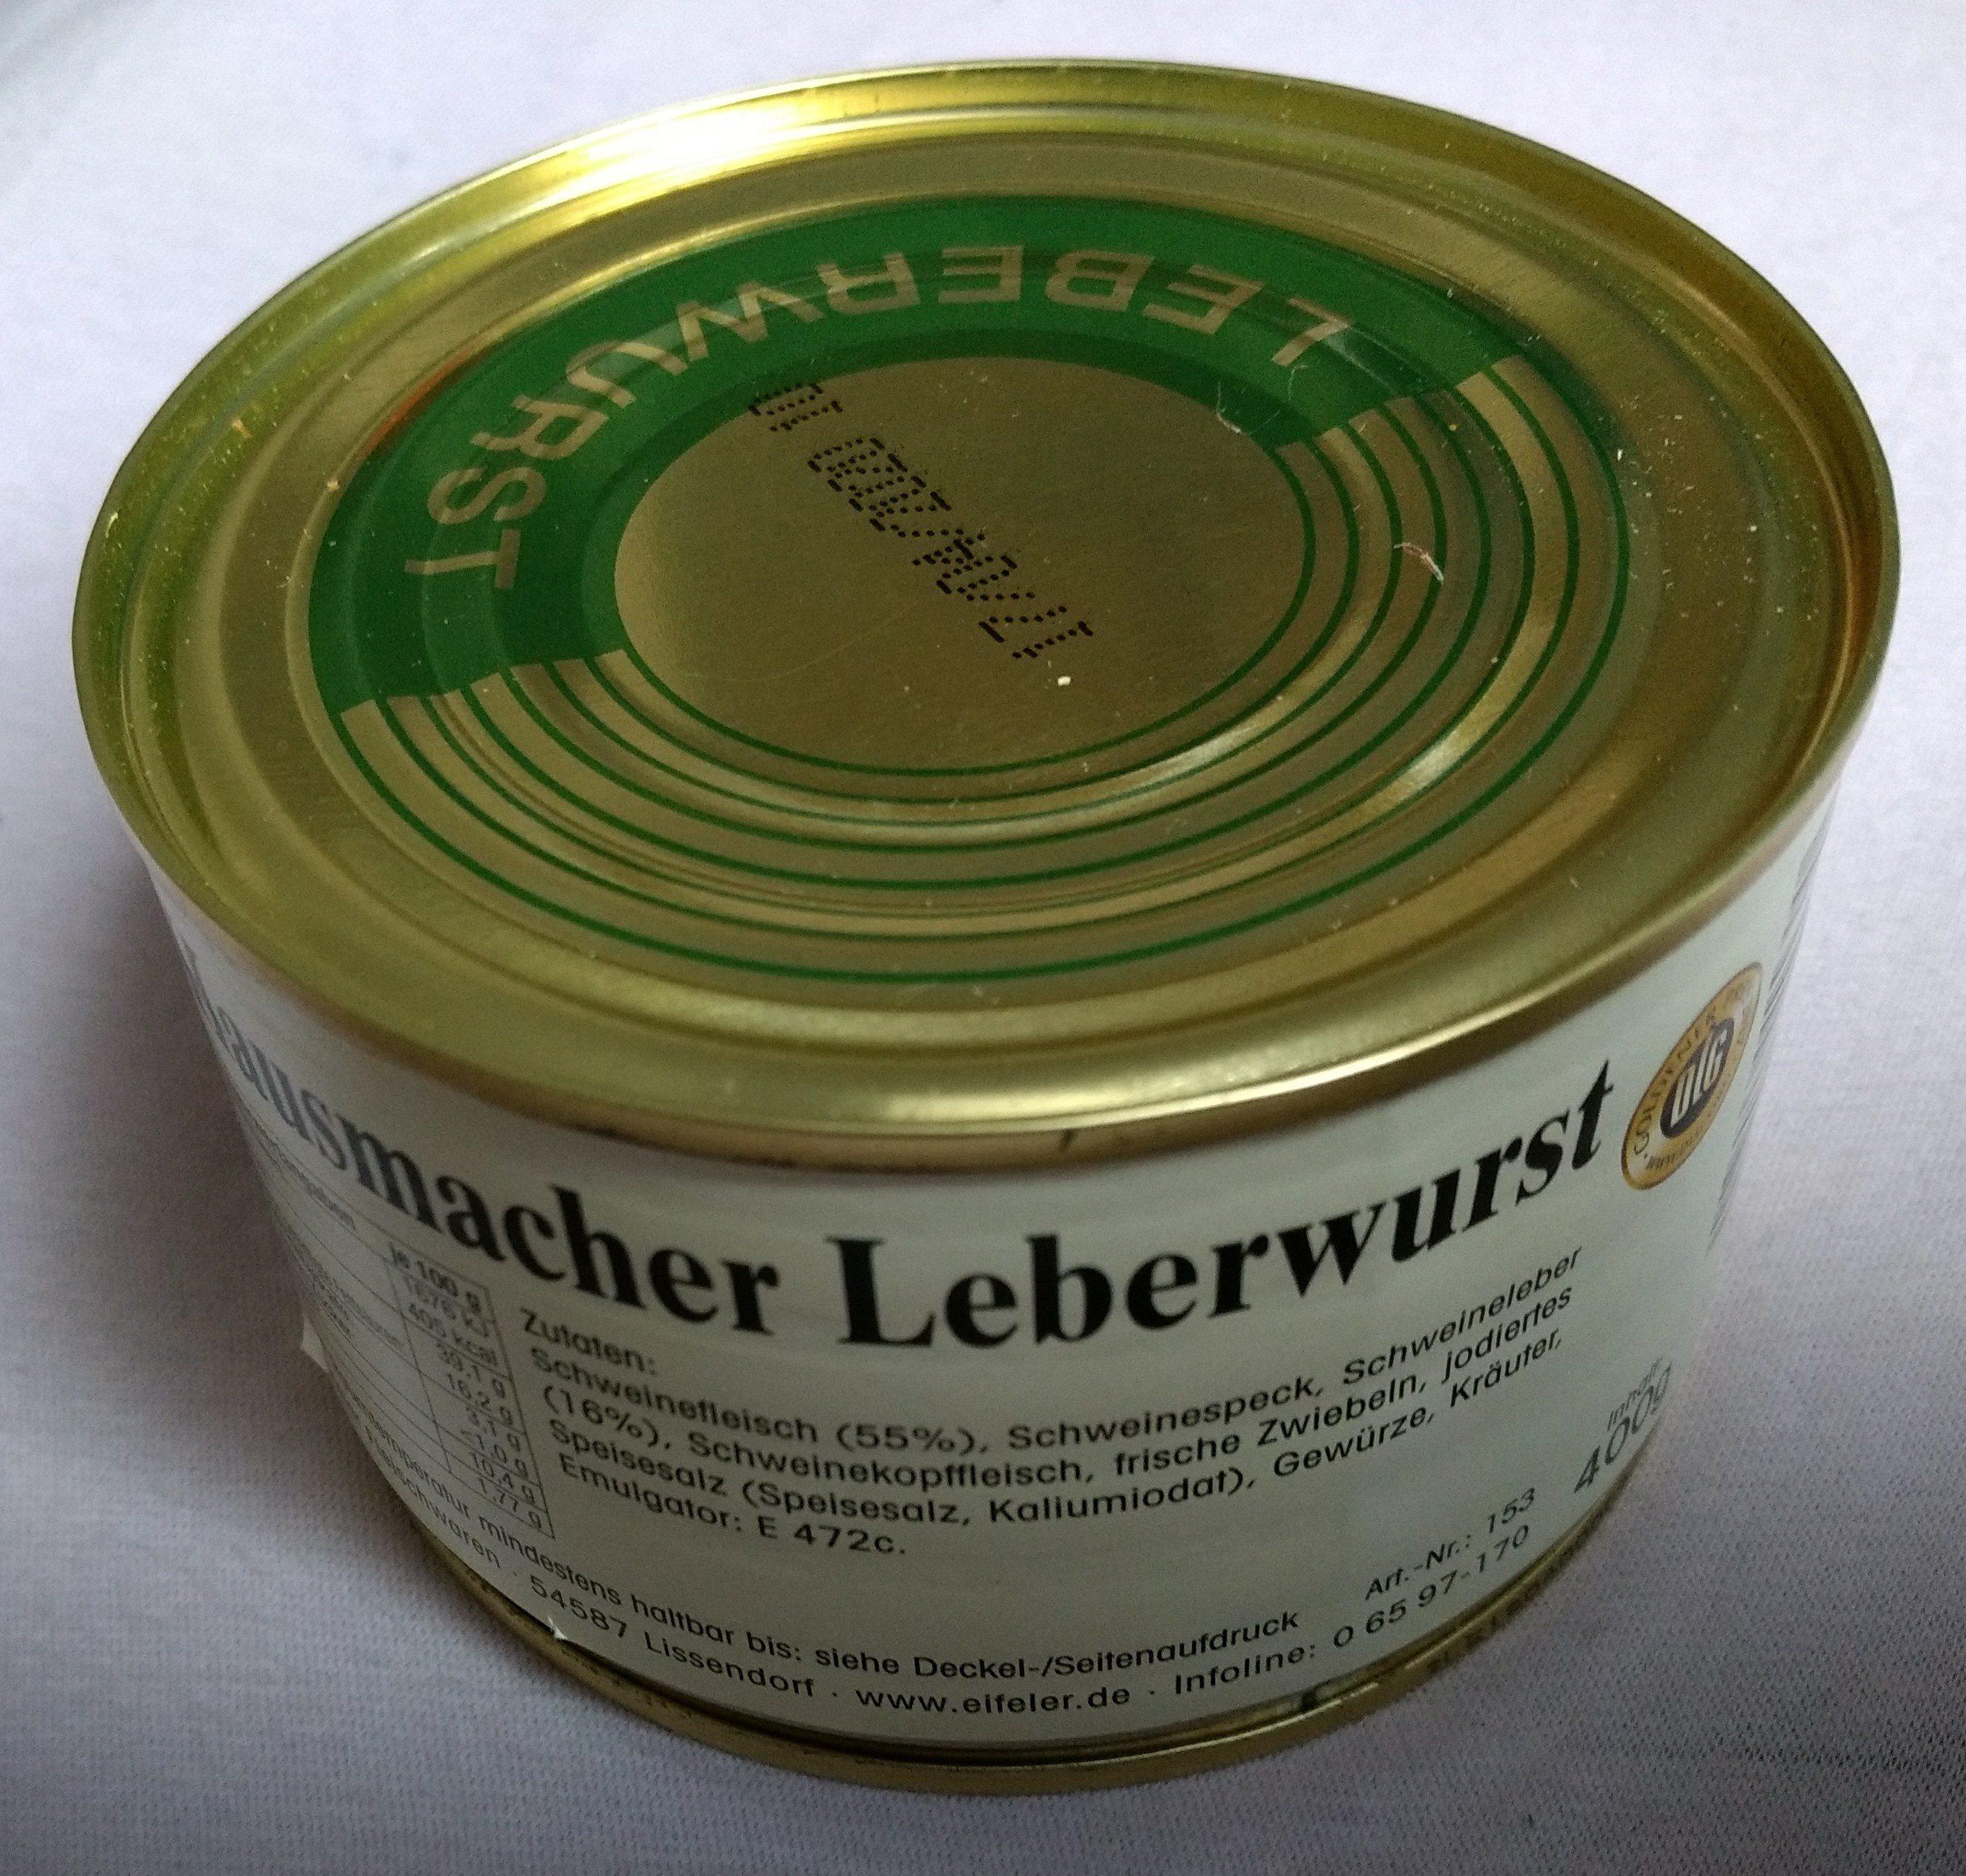 Hausmacher Leberwurst - Product - de